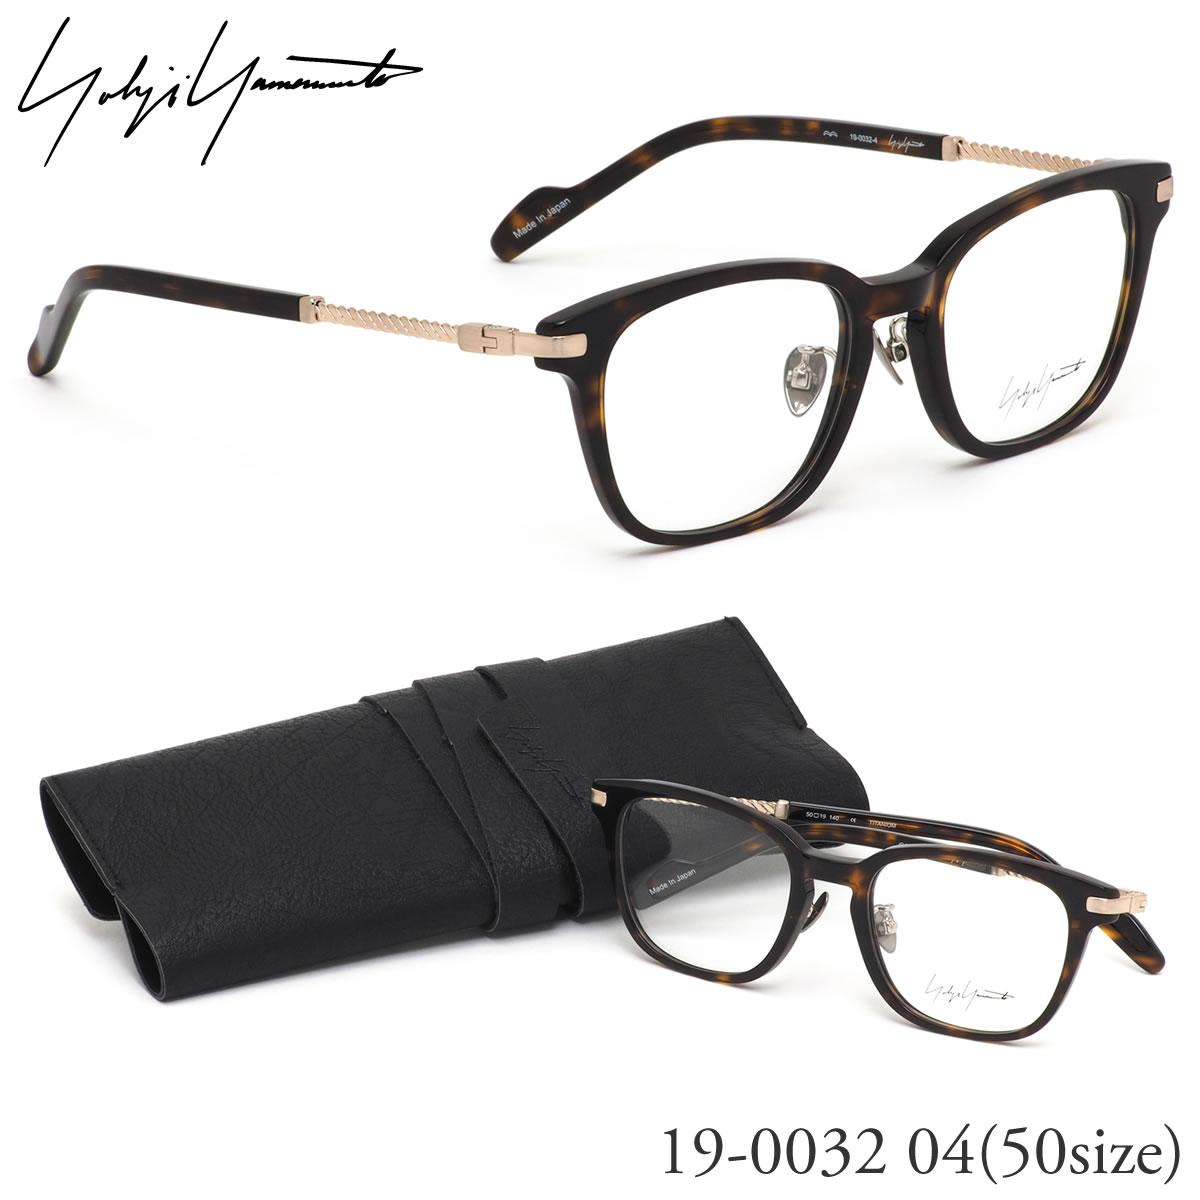 眼鏡・サングラス, 眼鏡  Yohji Yamamoto 19-0032 04 50 YohjiYamamoto